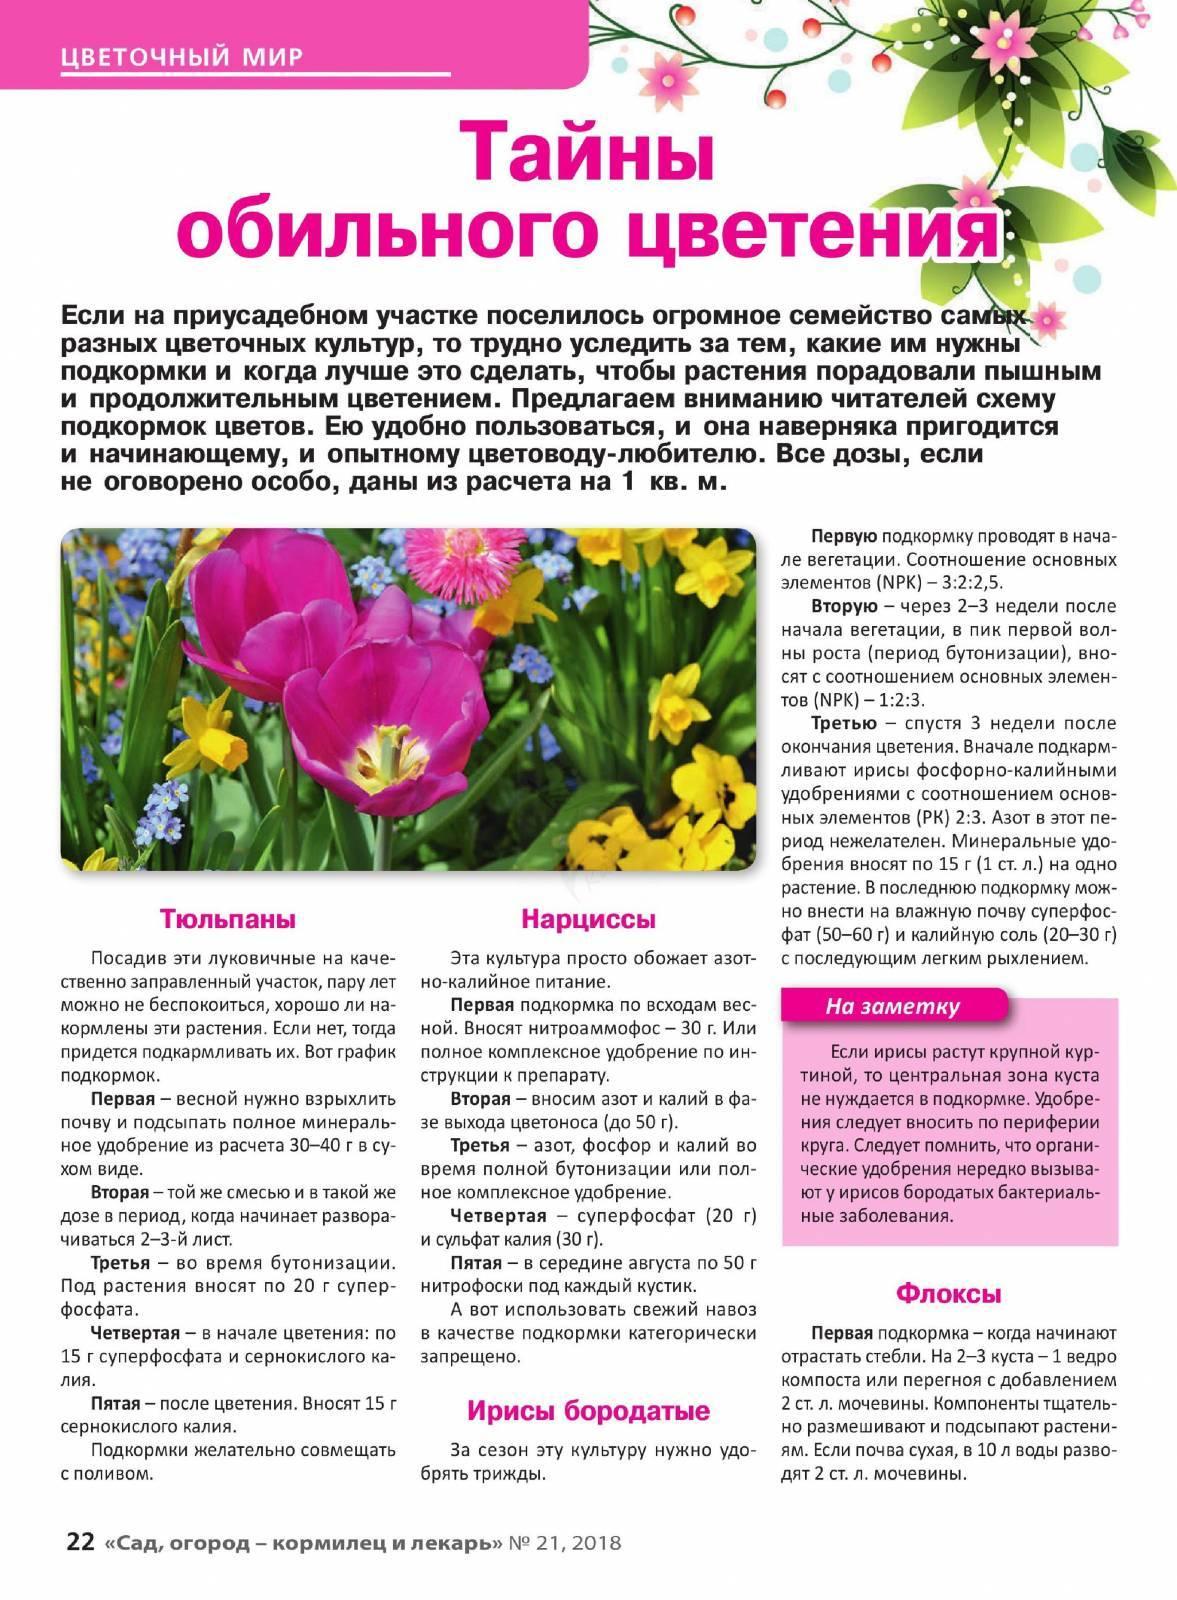 Подкормка ирисов - весной и осенью